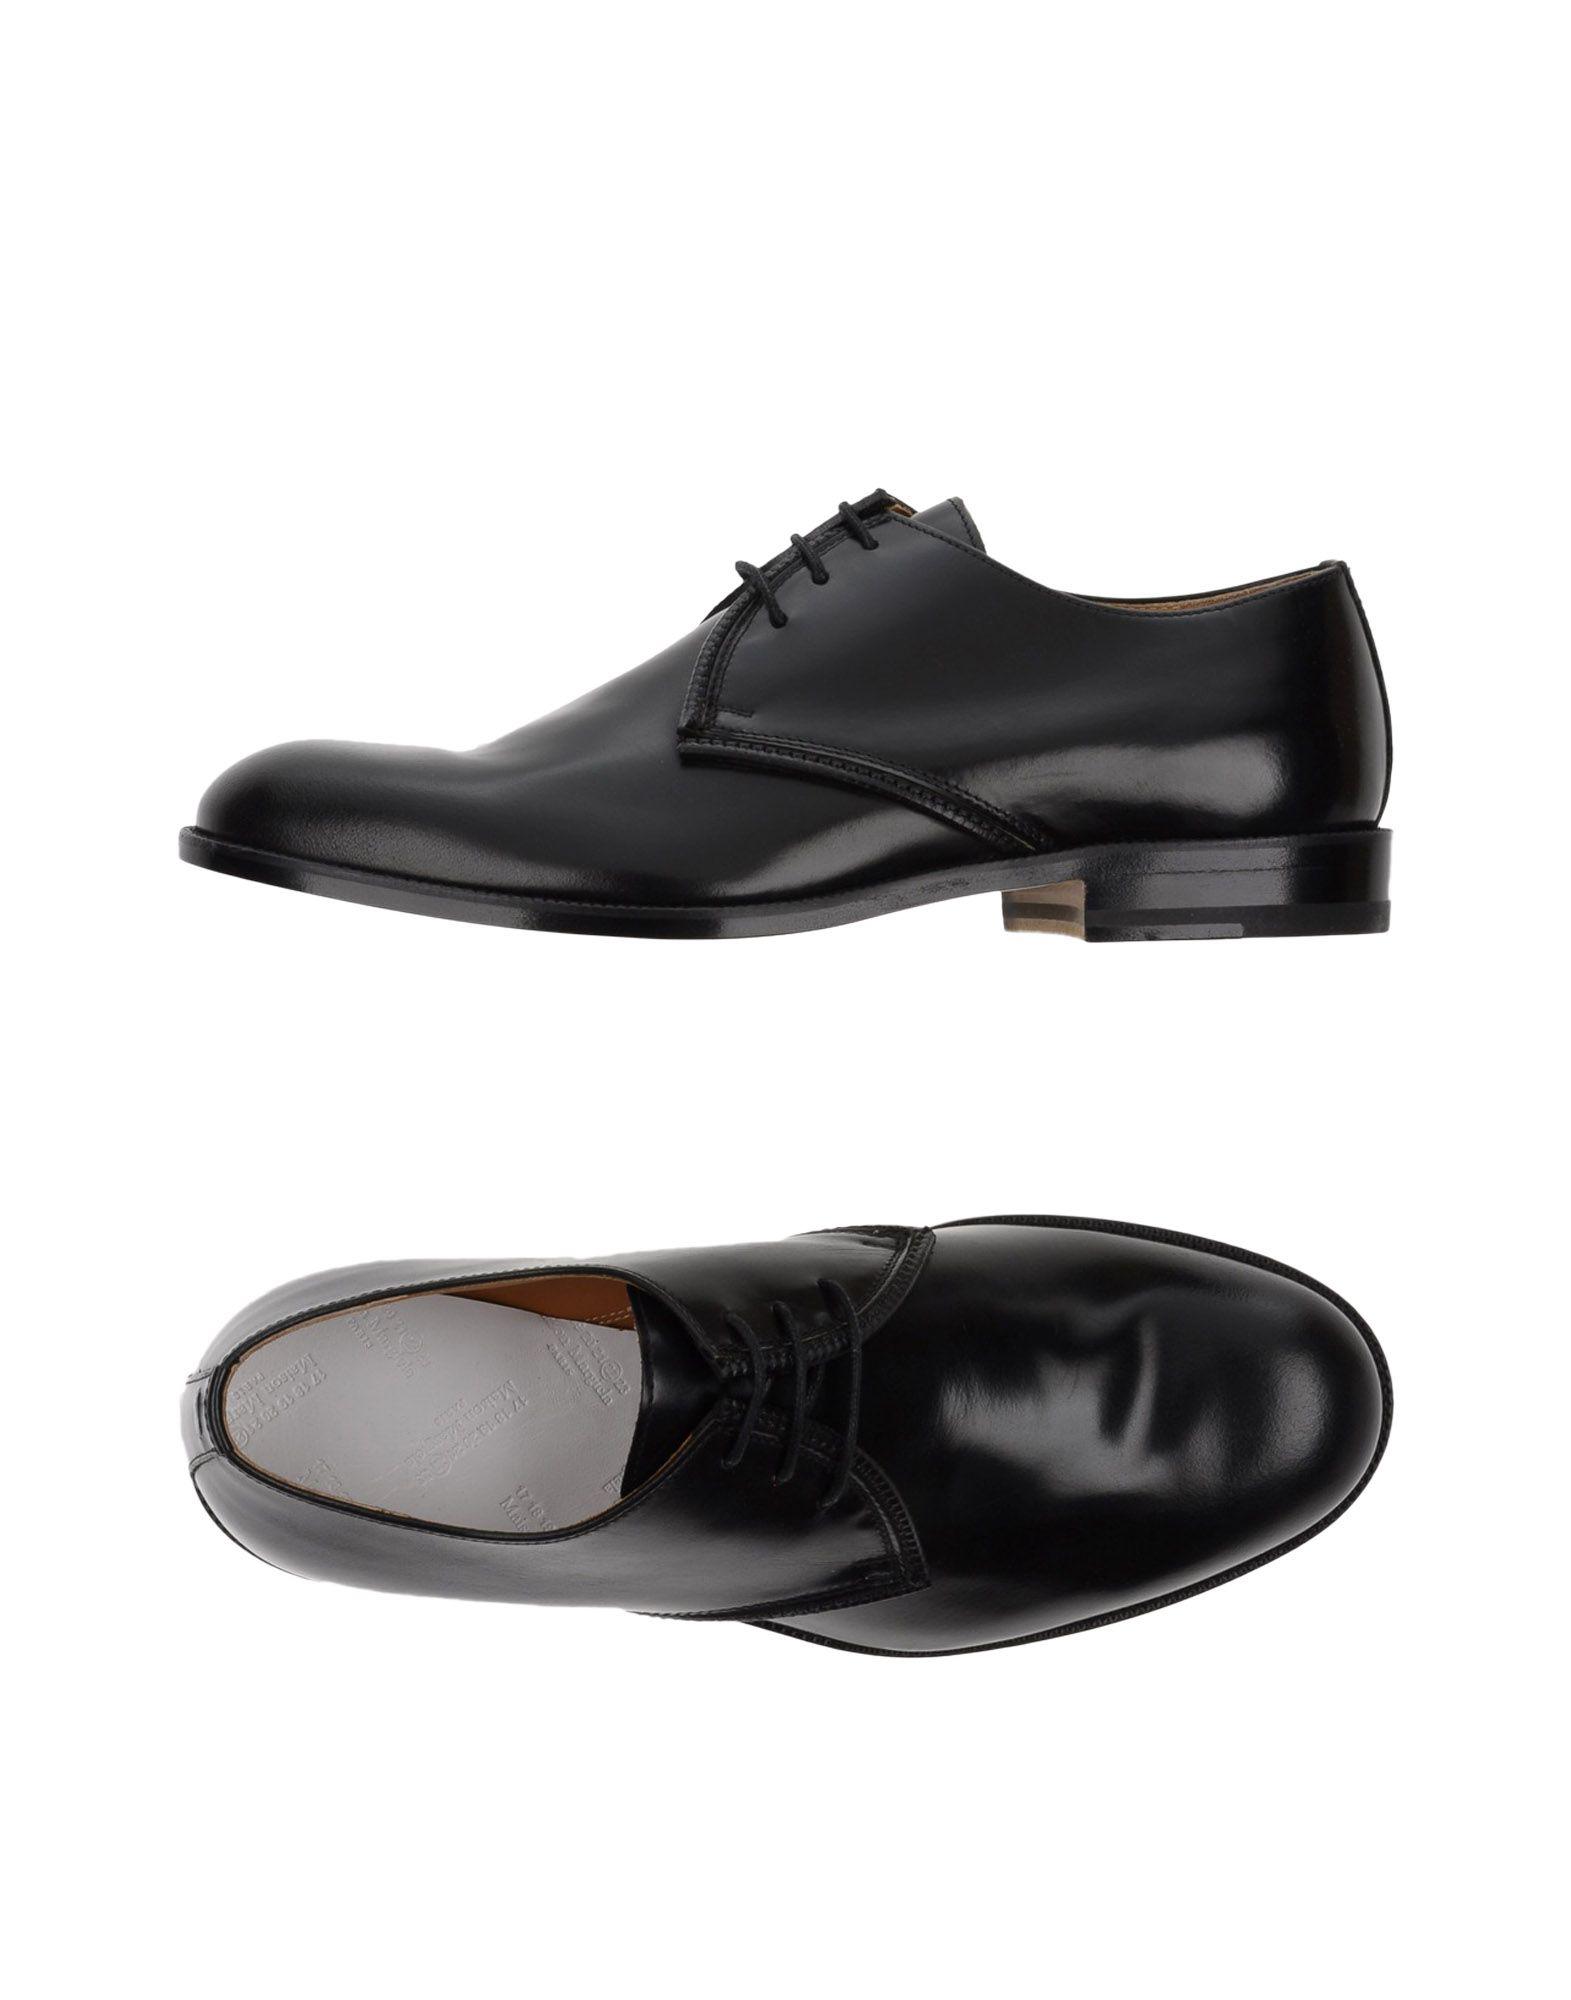 Maison Margiela Schnürschuhe Herren  11353517QN Gute Qualität beliebte Schuhe